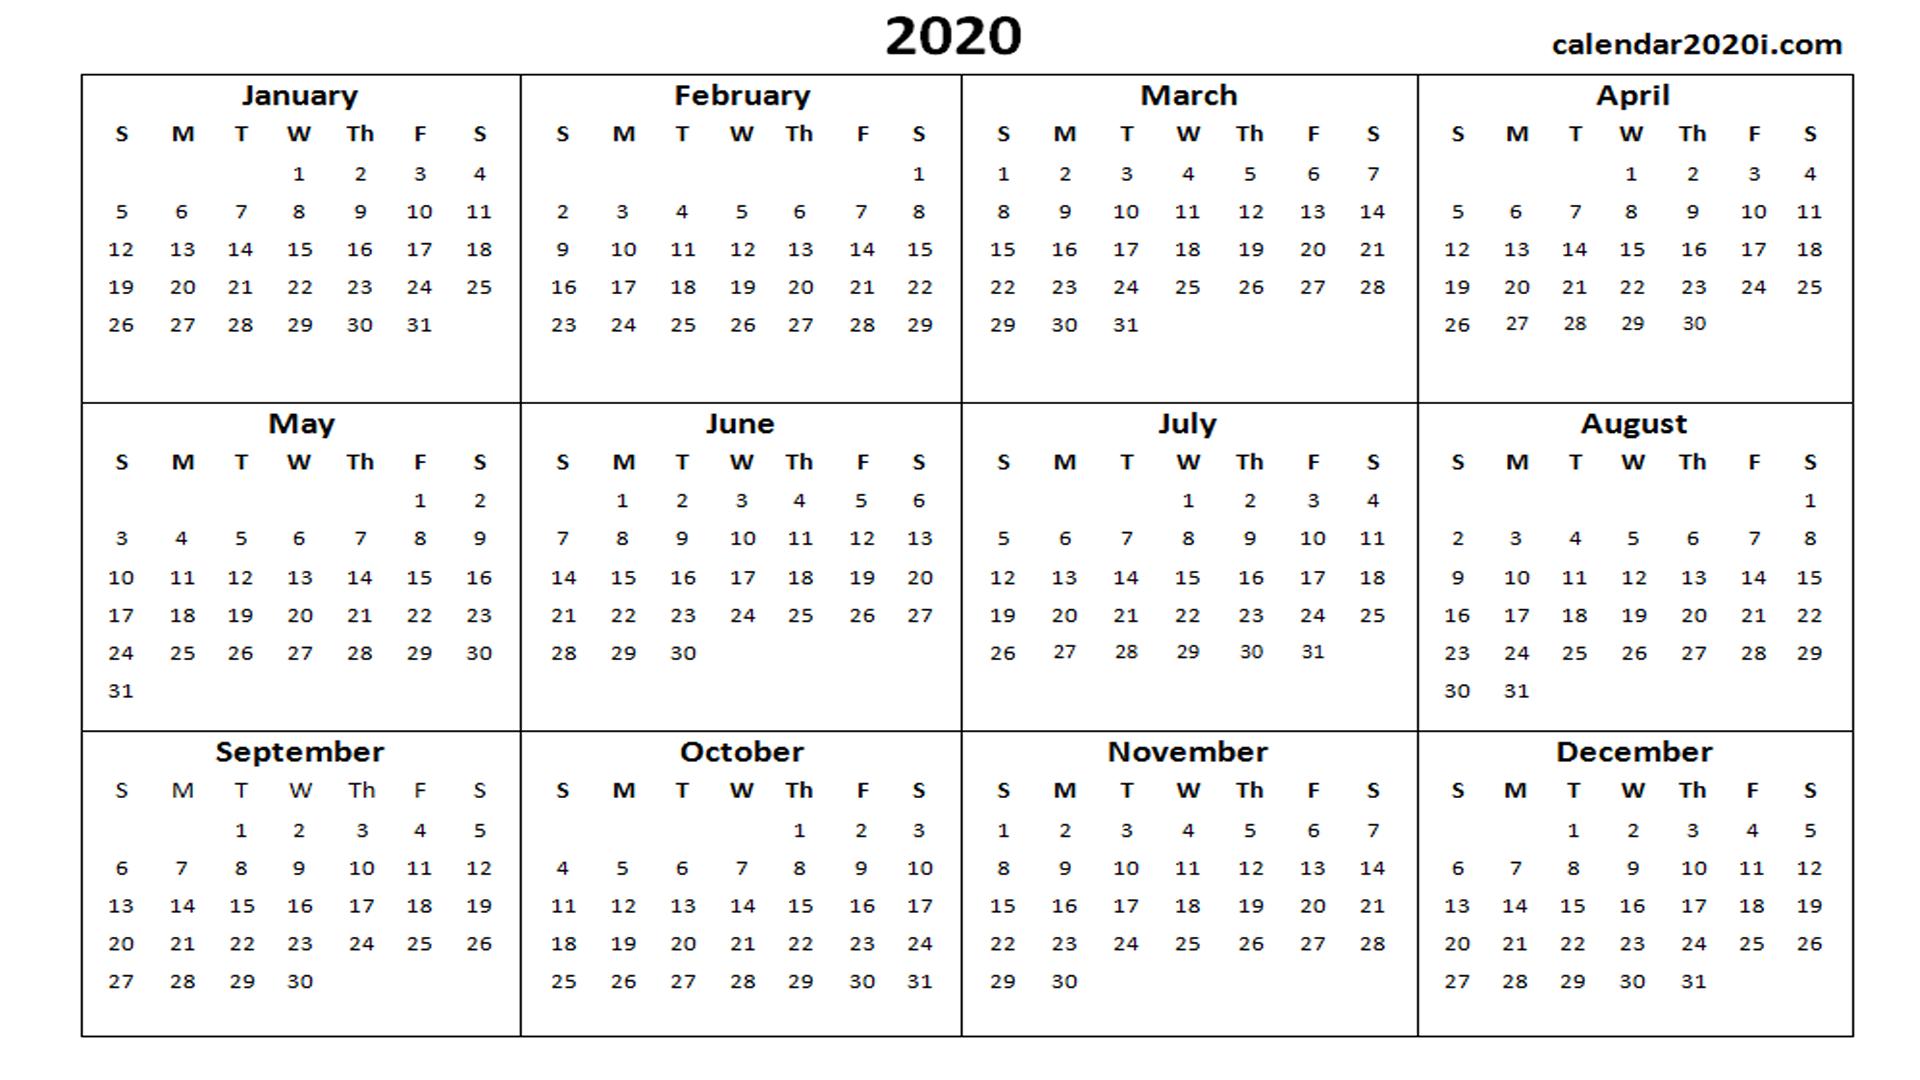 2020 Calendar In Word